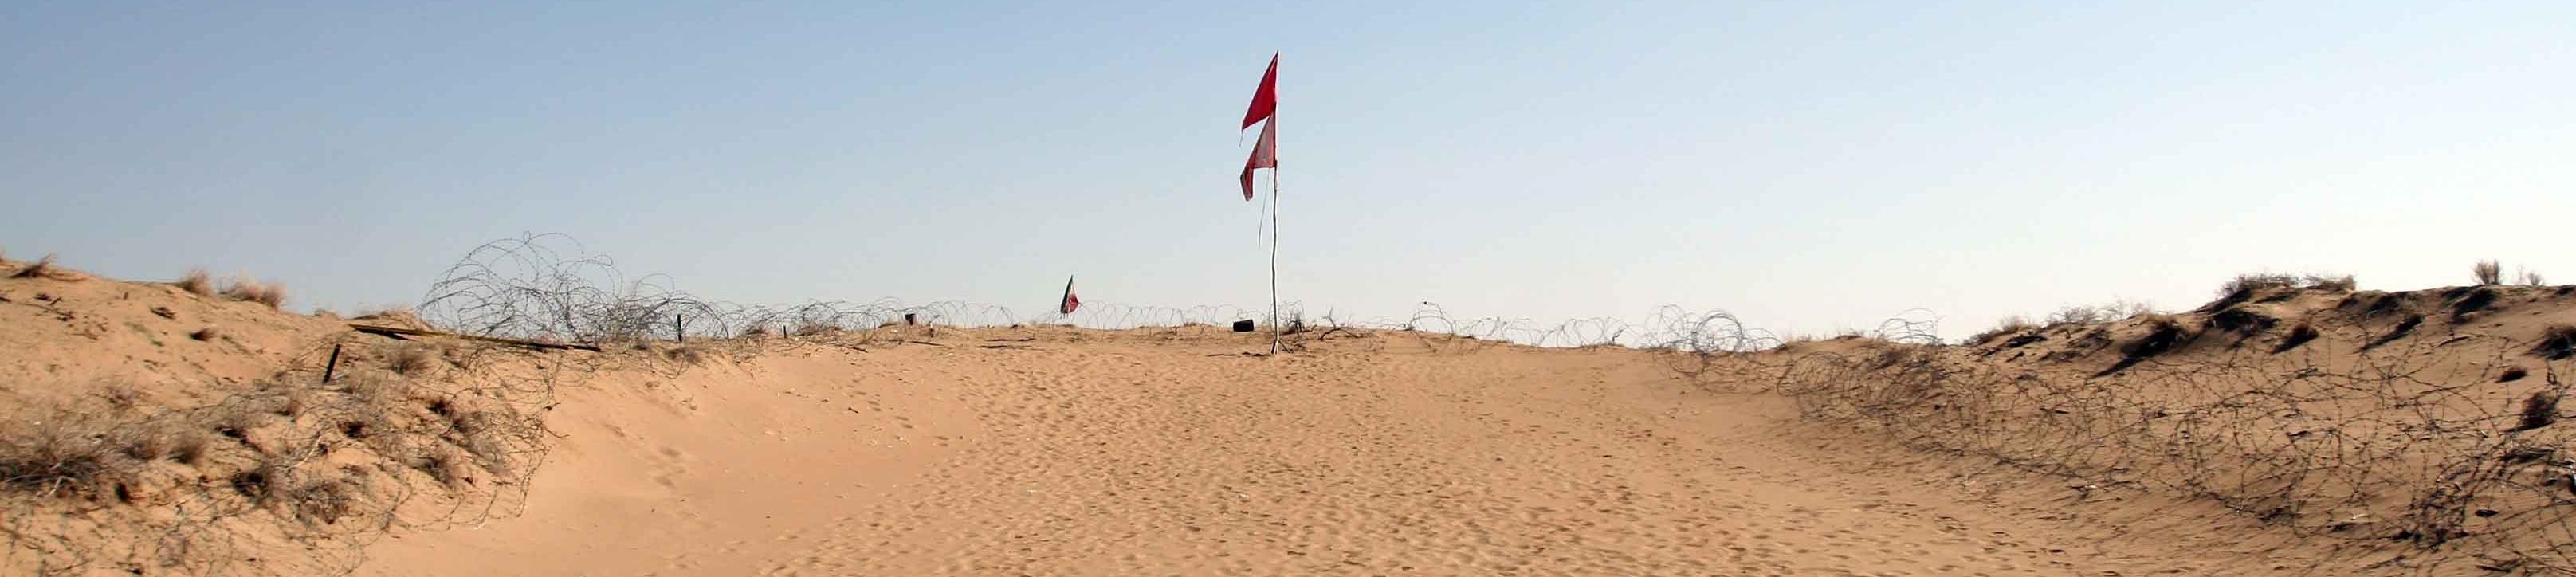 عکس-قتلگاه-فکه-برای-زمینه-رادیو-ایثار-1 (1)